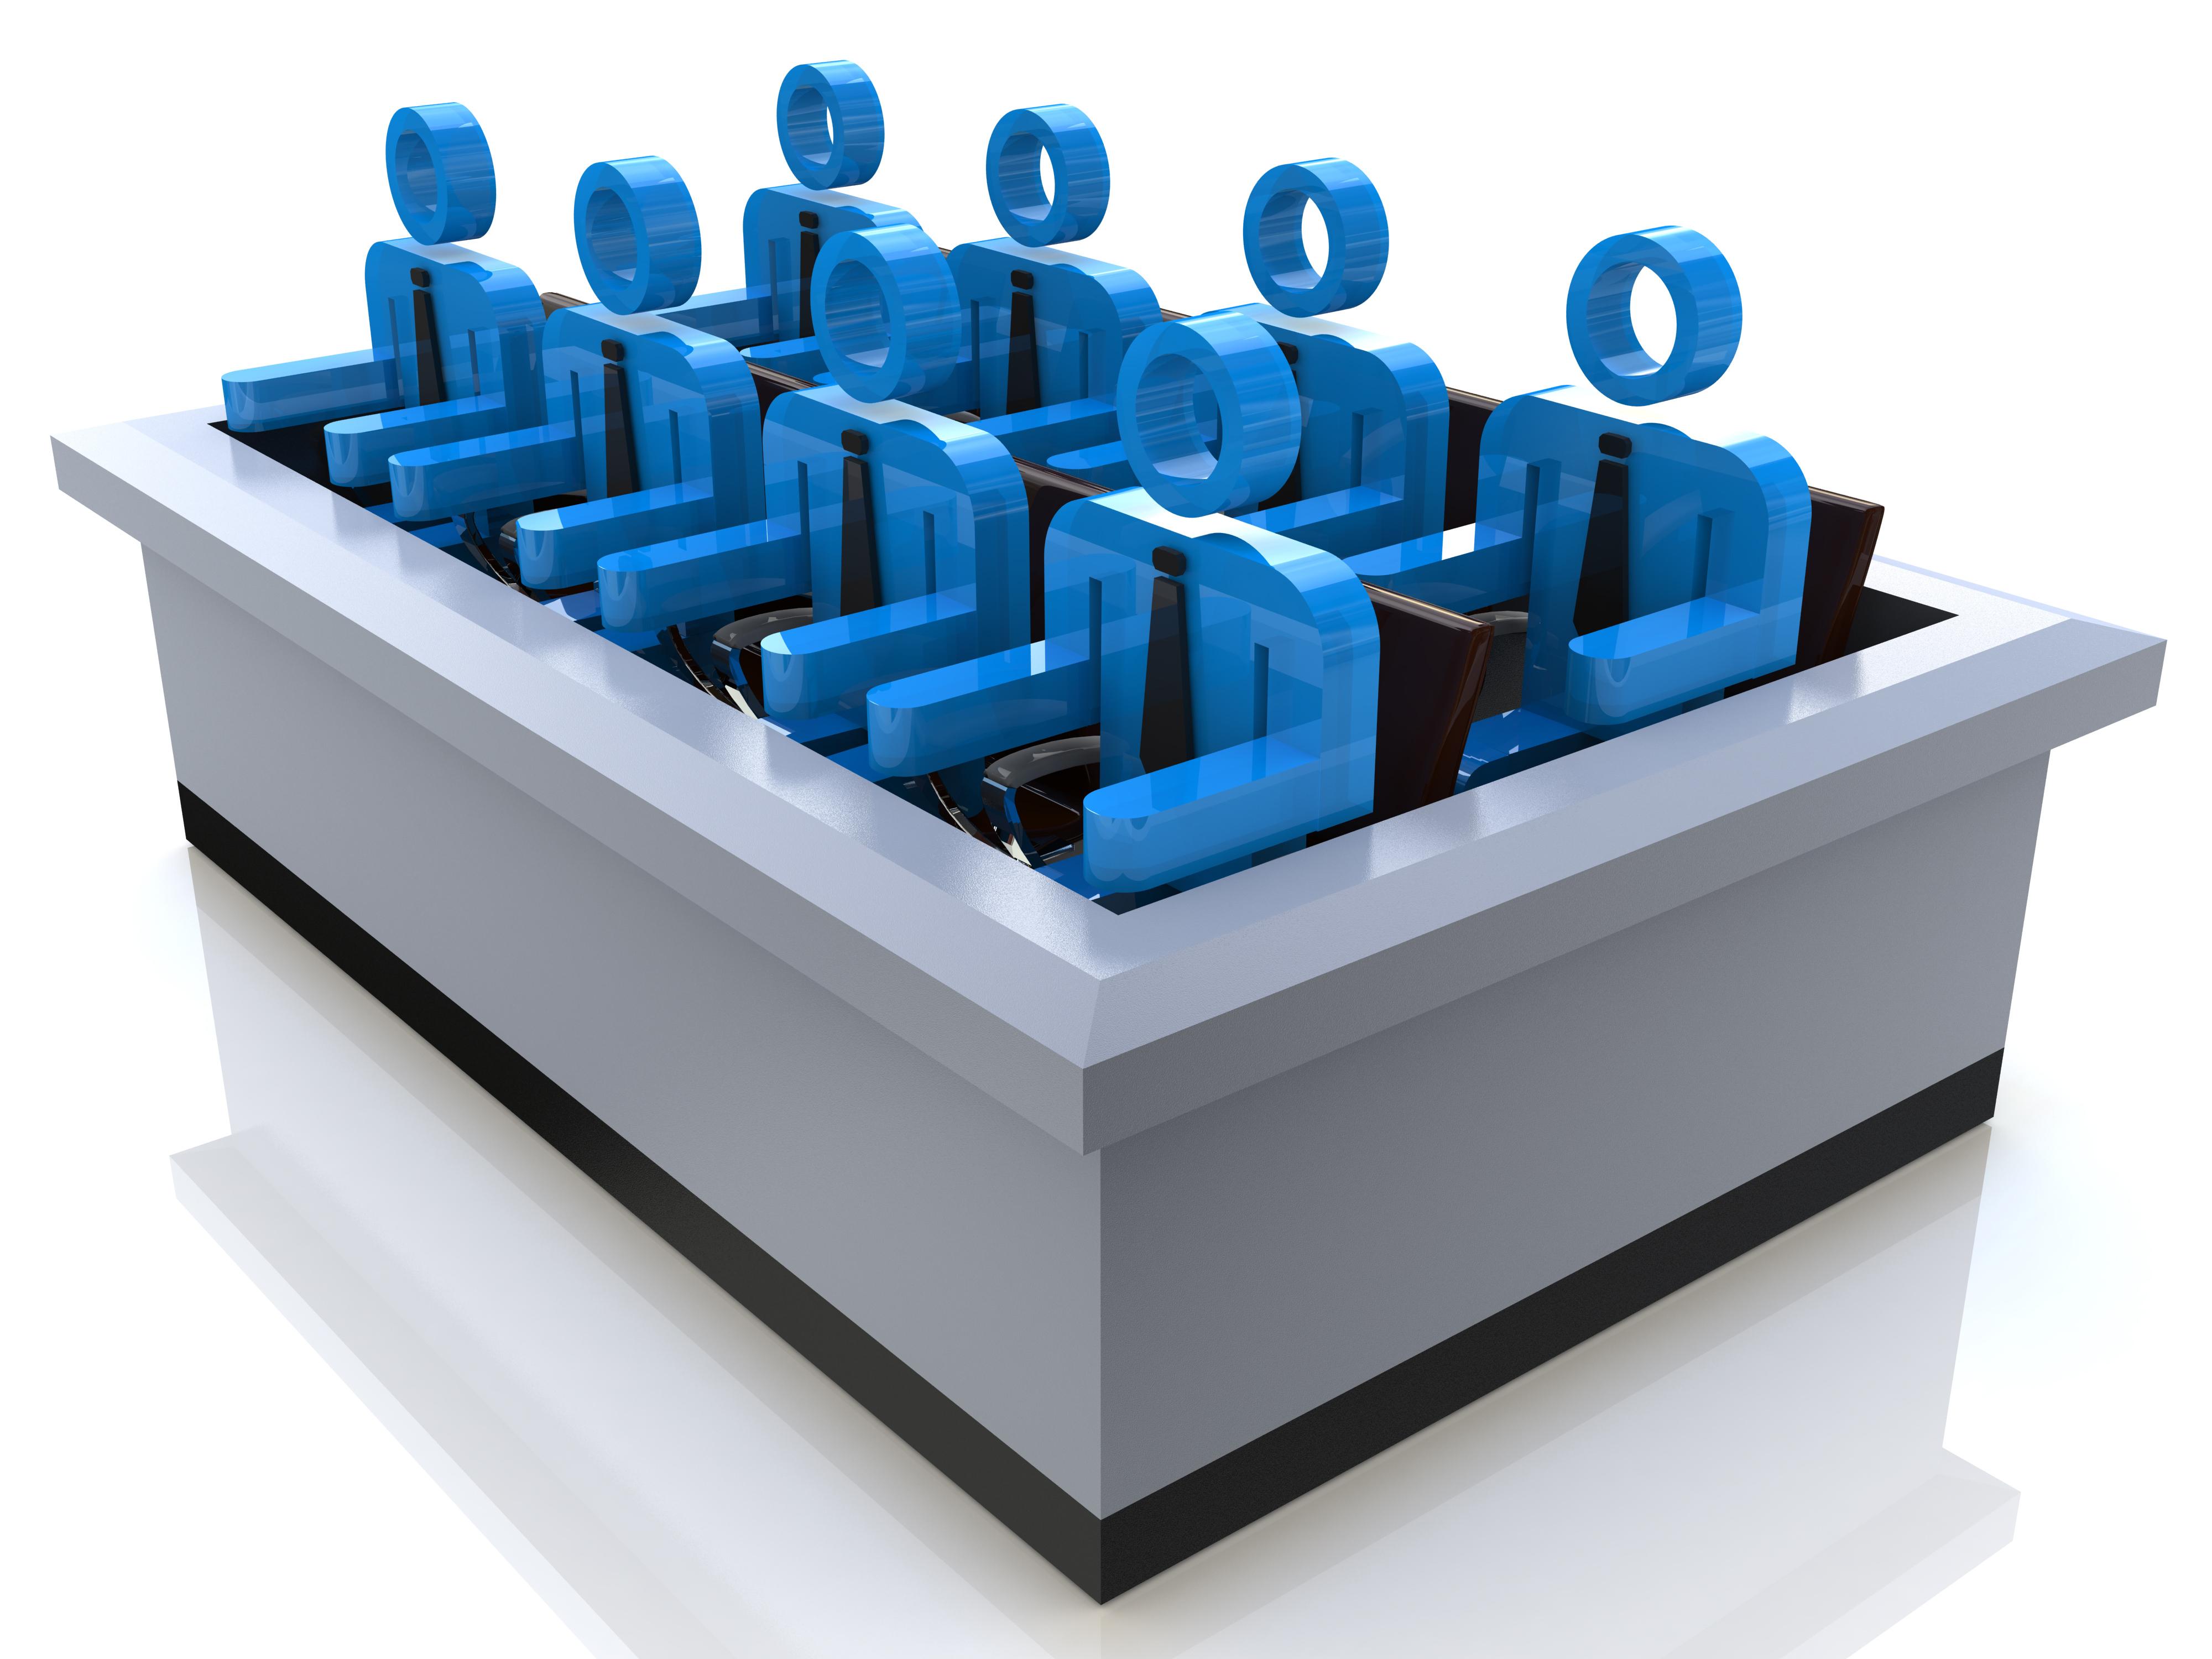 Monitoring social media for jury